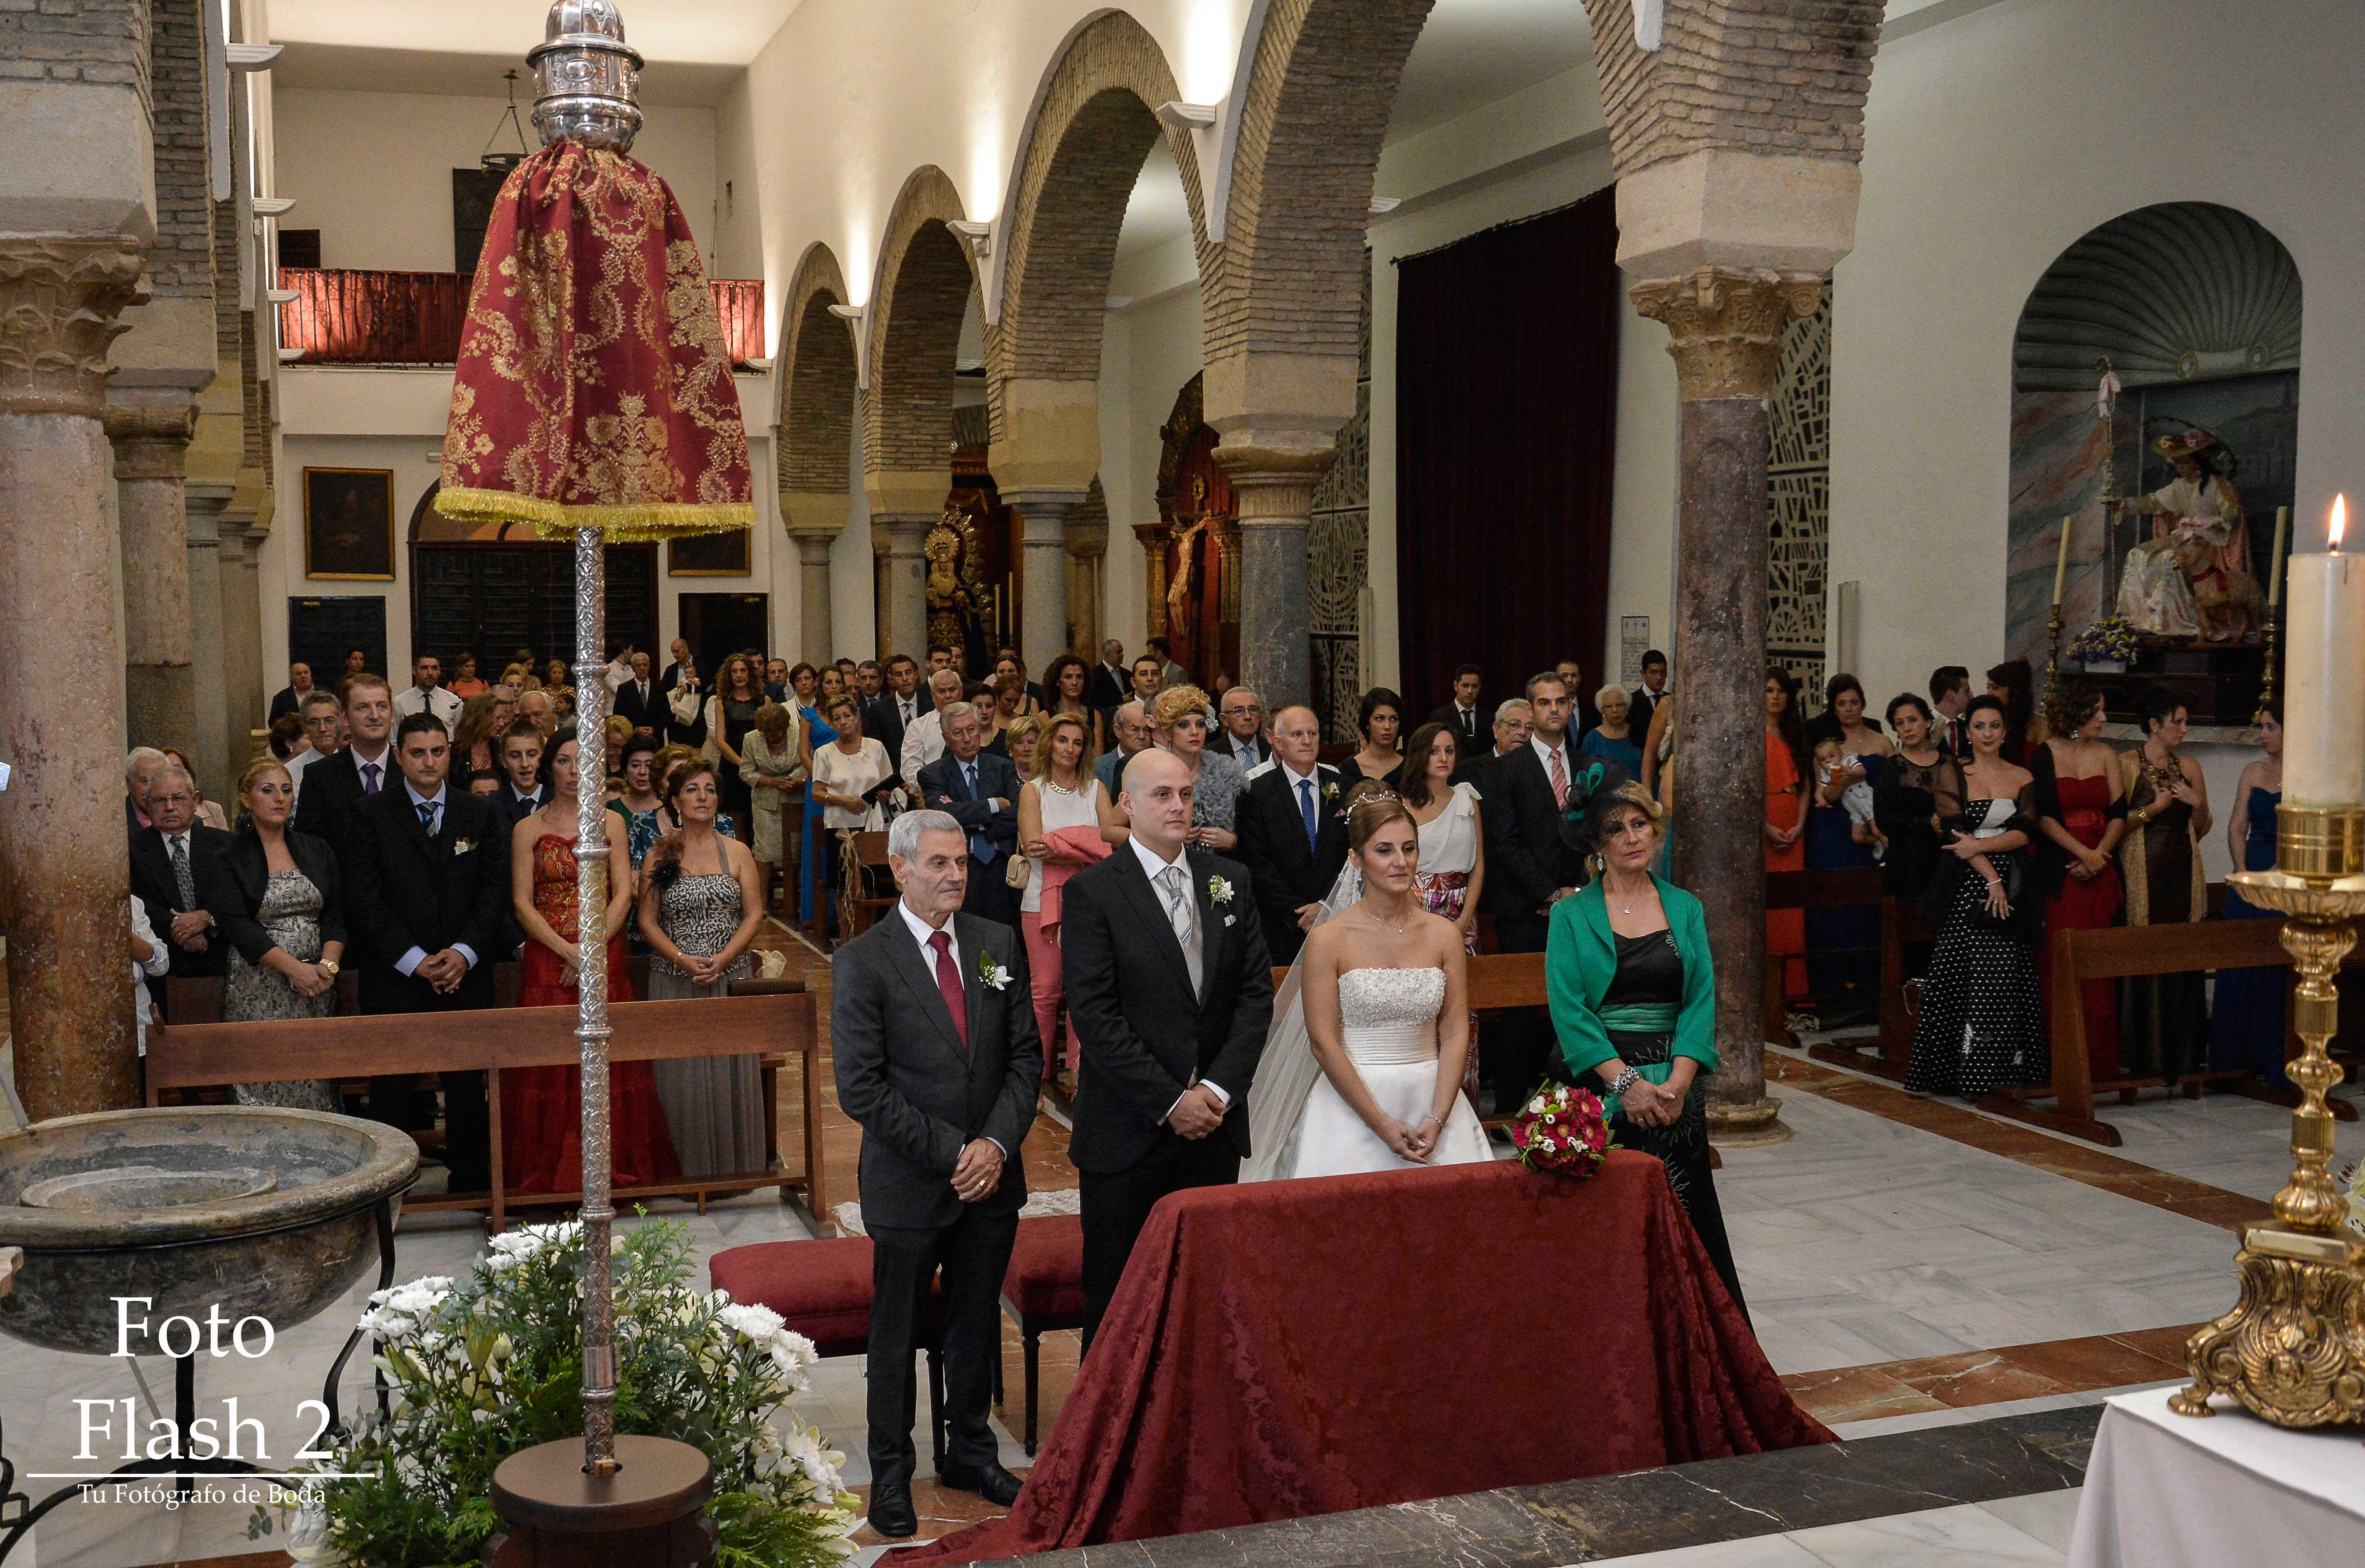 foto flash2 tu fot grafo de boda boda jose y ana san